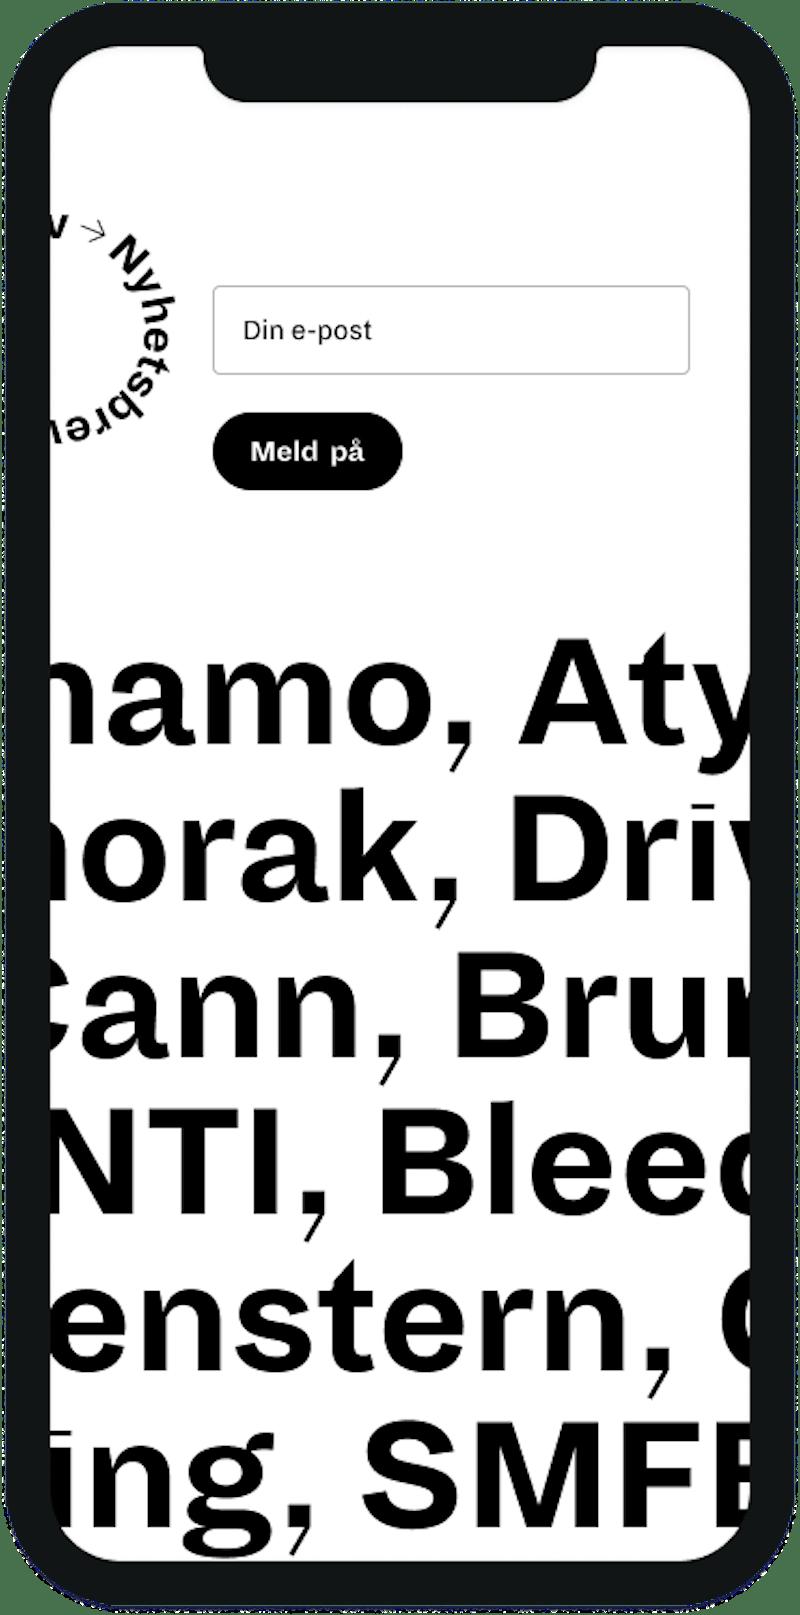 Kf Nettside mobile4